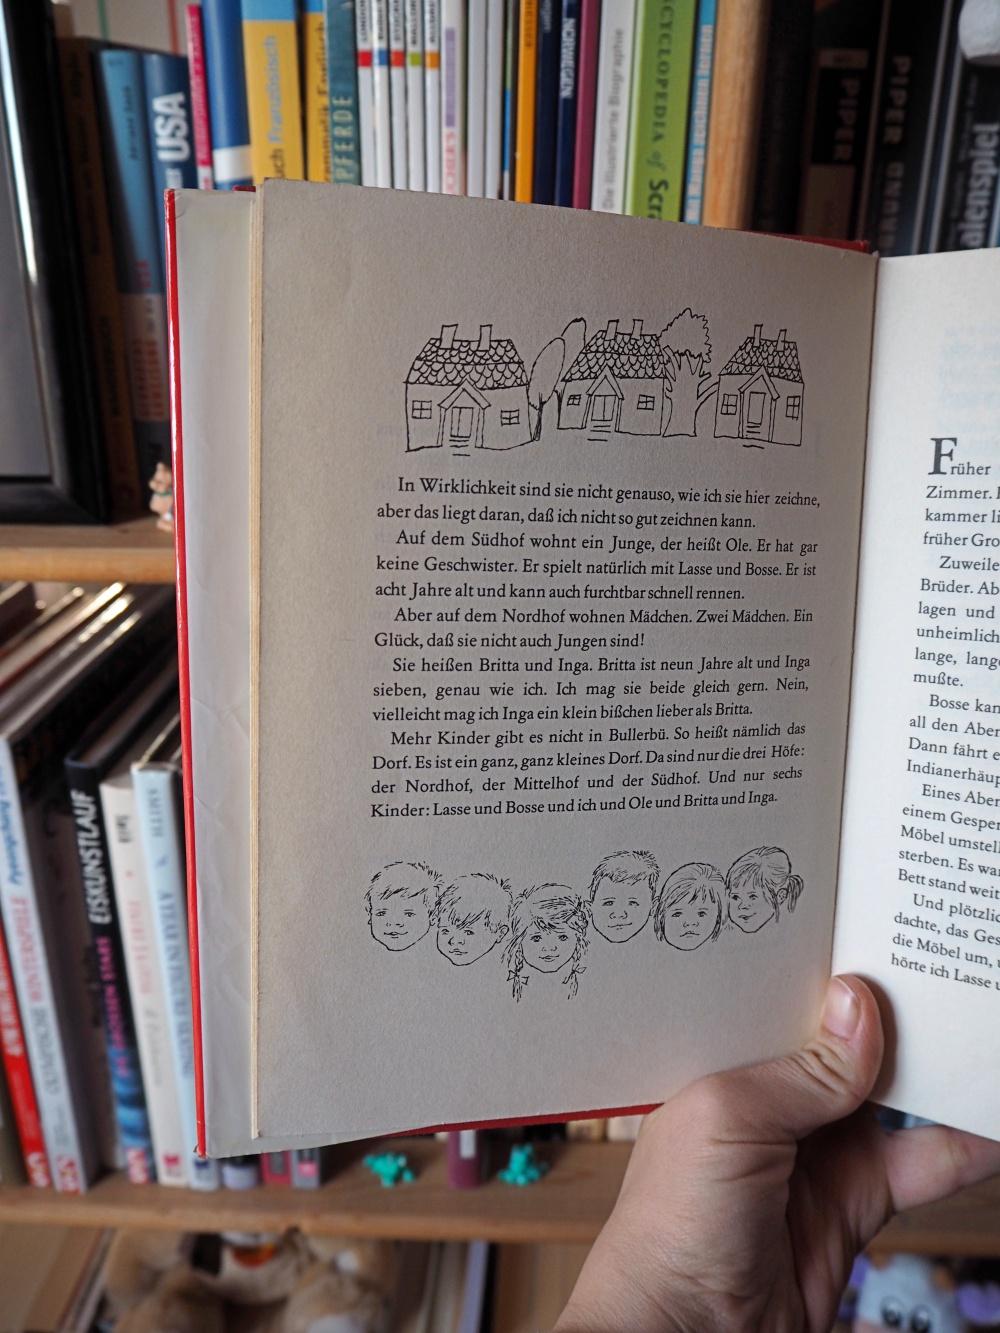 Die Kinder aus Bullerbü von Astrid Lindgren